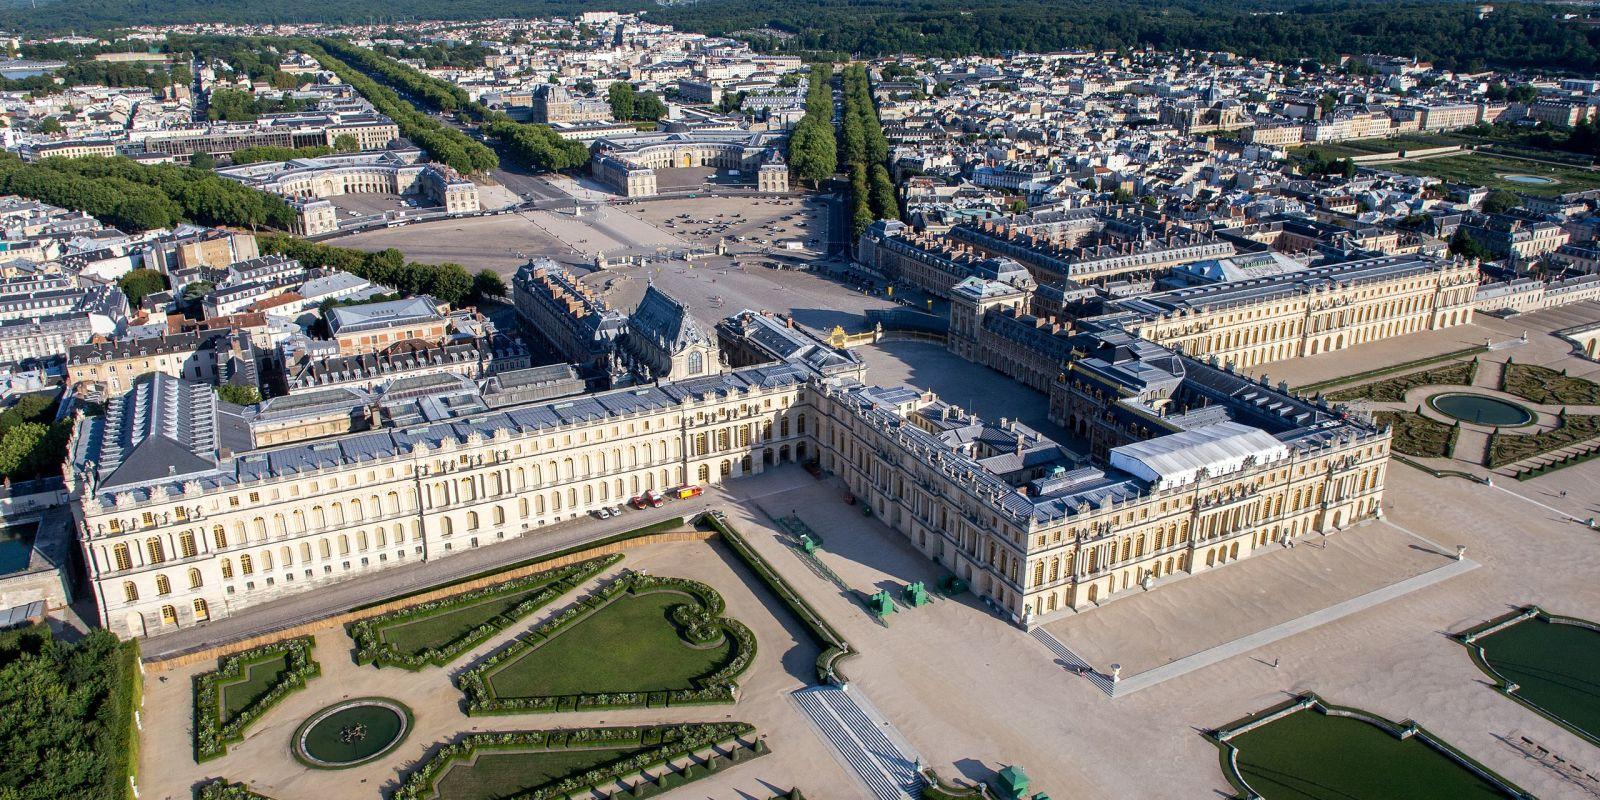 Au delà du château de Versailles, le parcours historique Notre-Dame